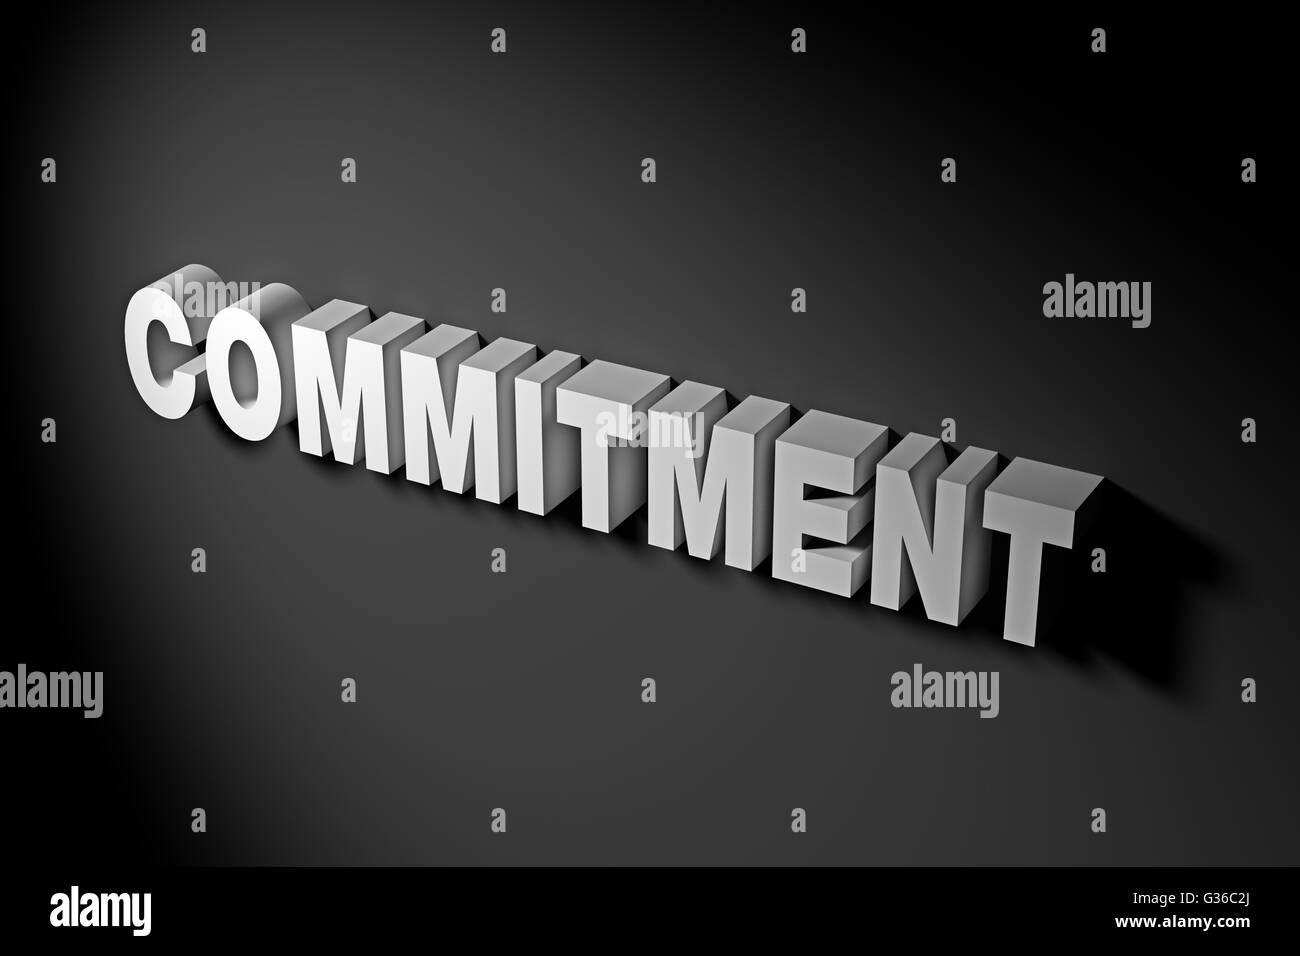 Compromiso concepto ilustrado por 3D prestados textos. Imagen De Stock